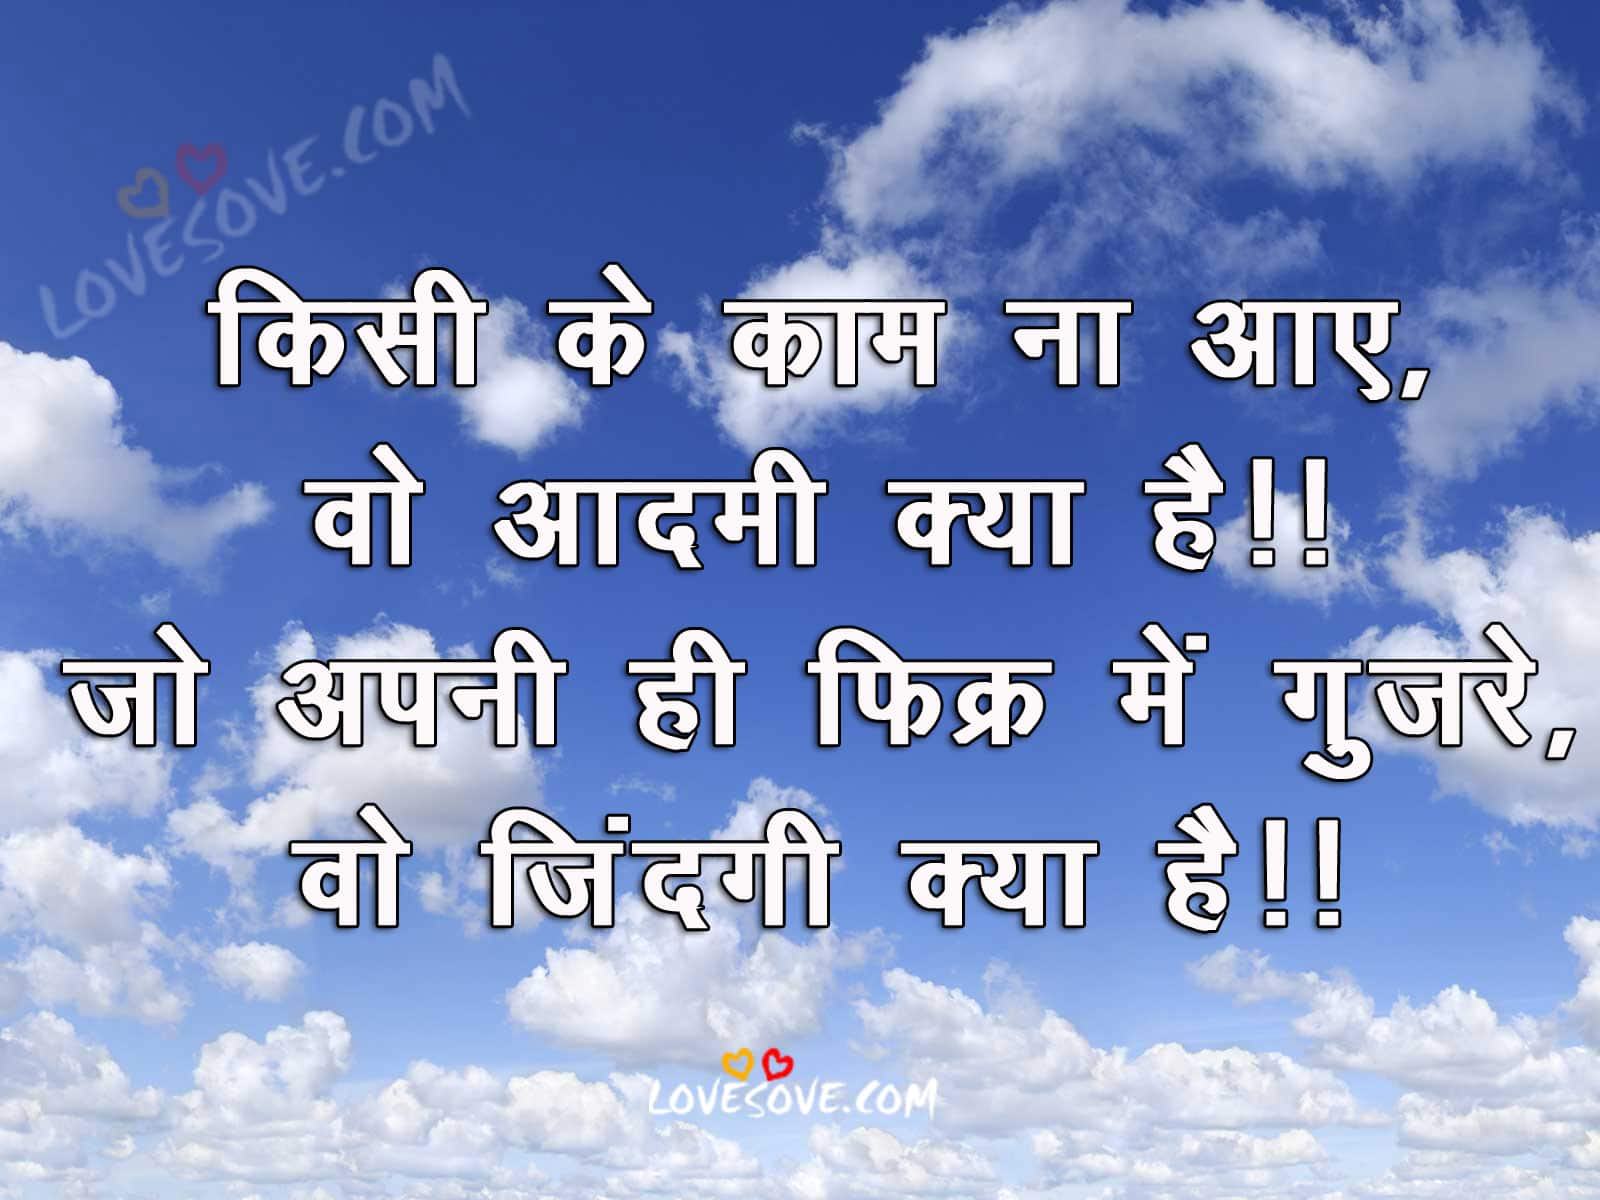 किसी के काम ना आए वो आदमी क्या है - Hindi Suvichar, anmol suvichar image